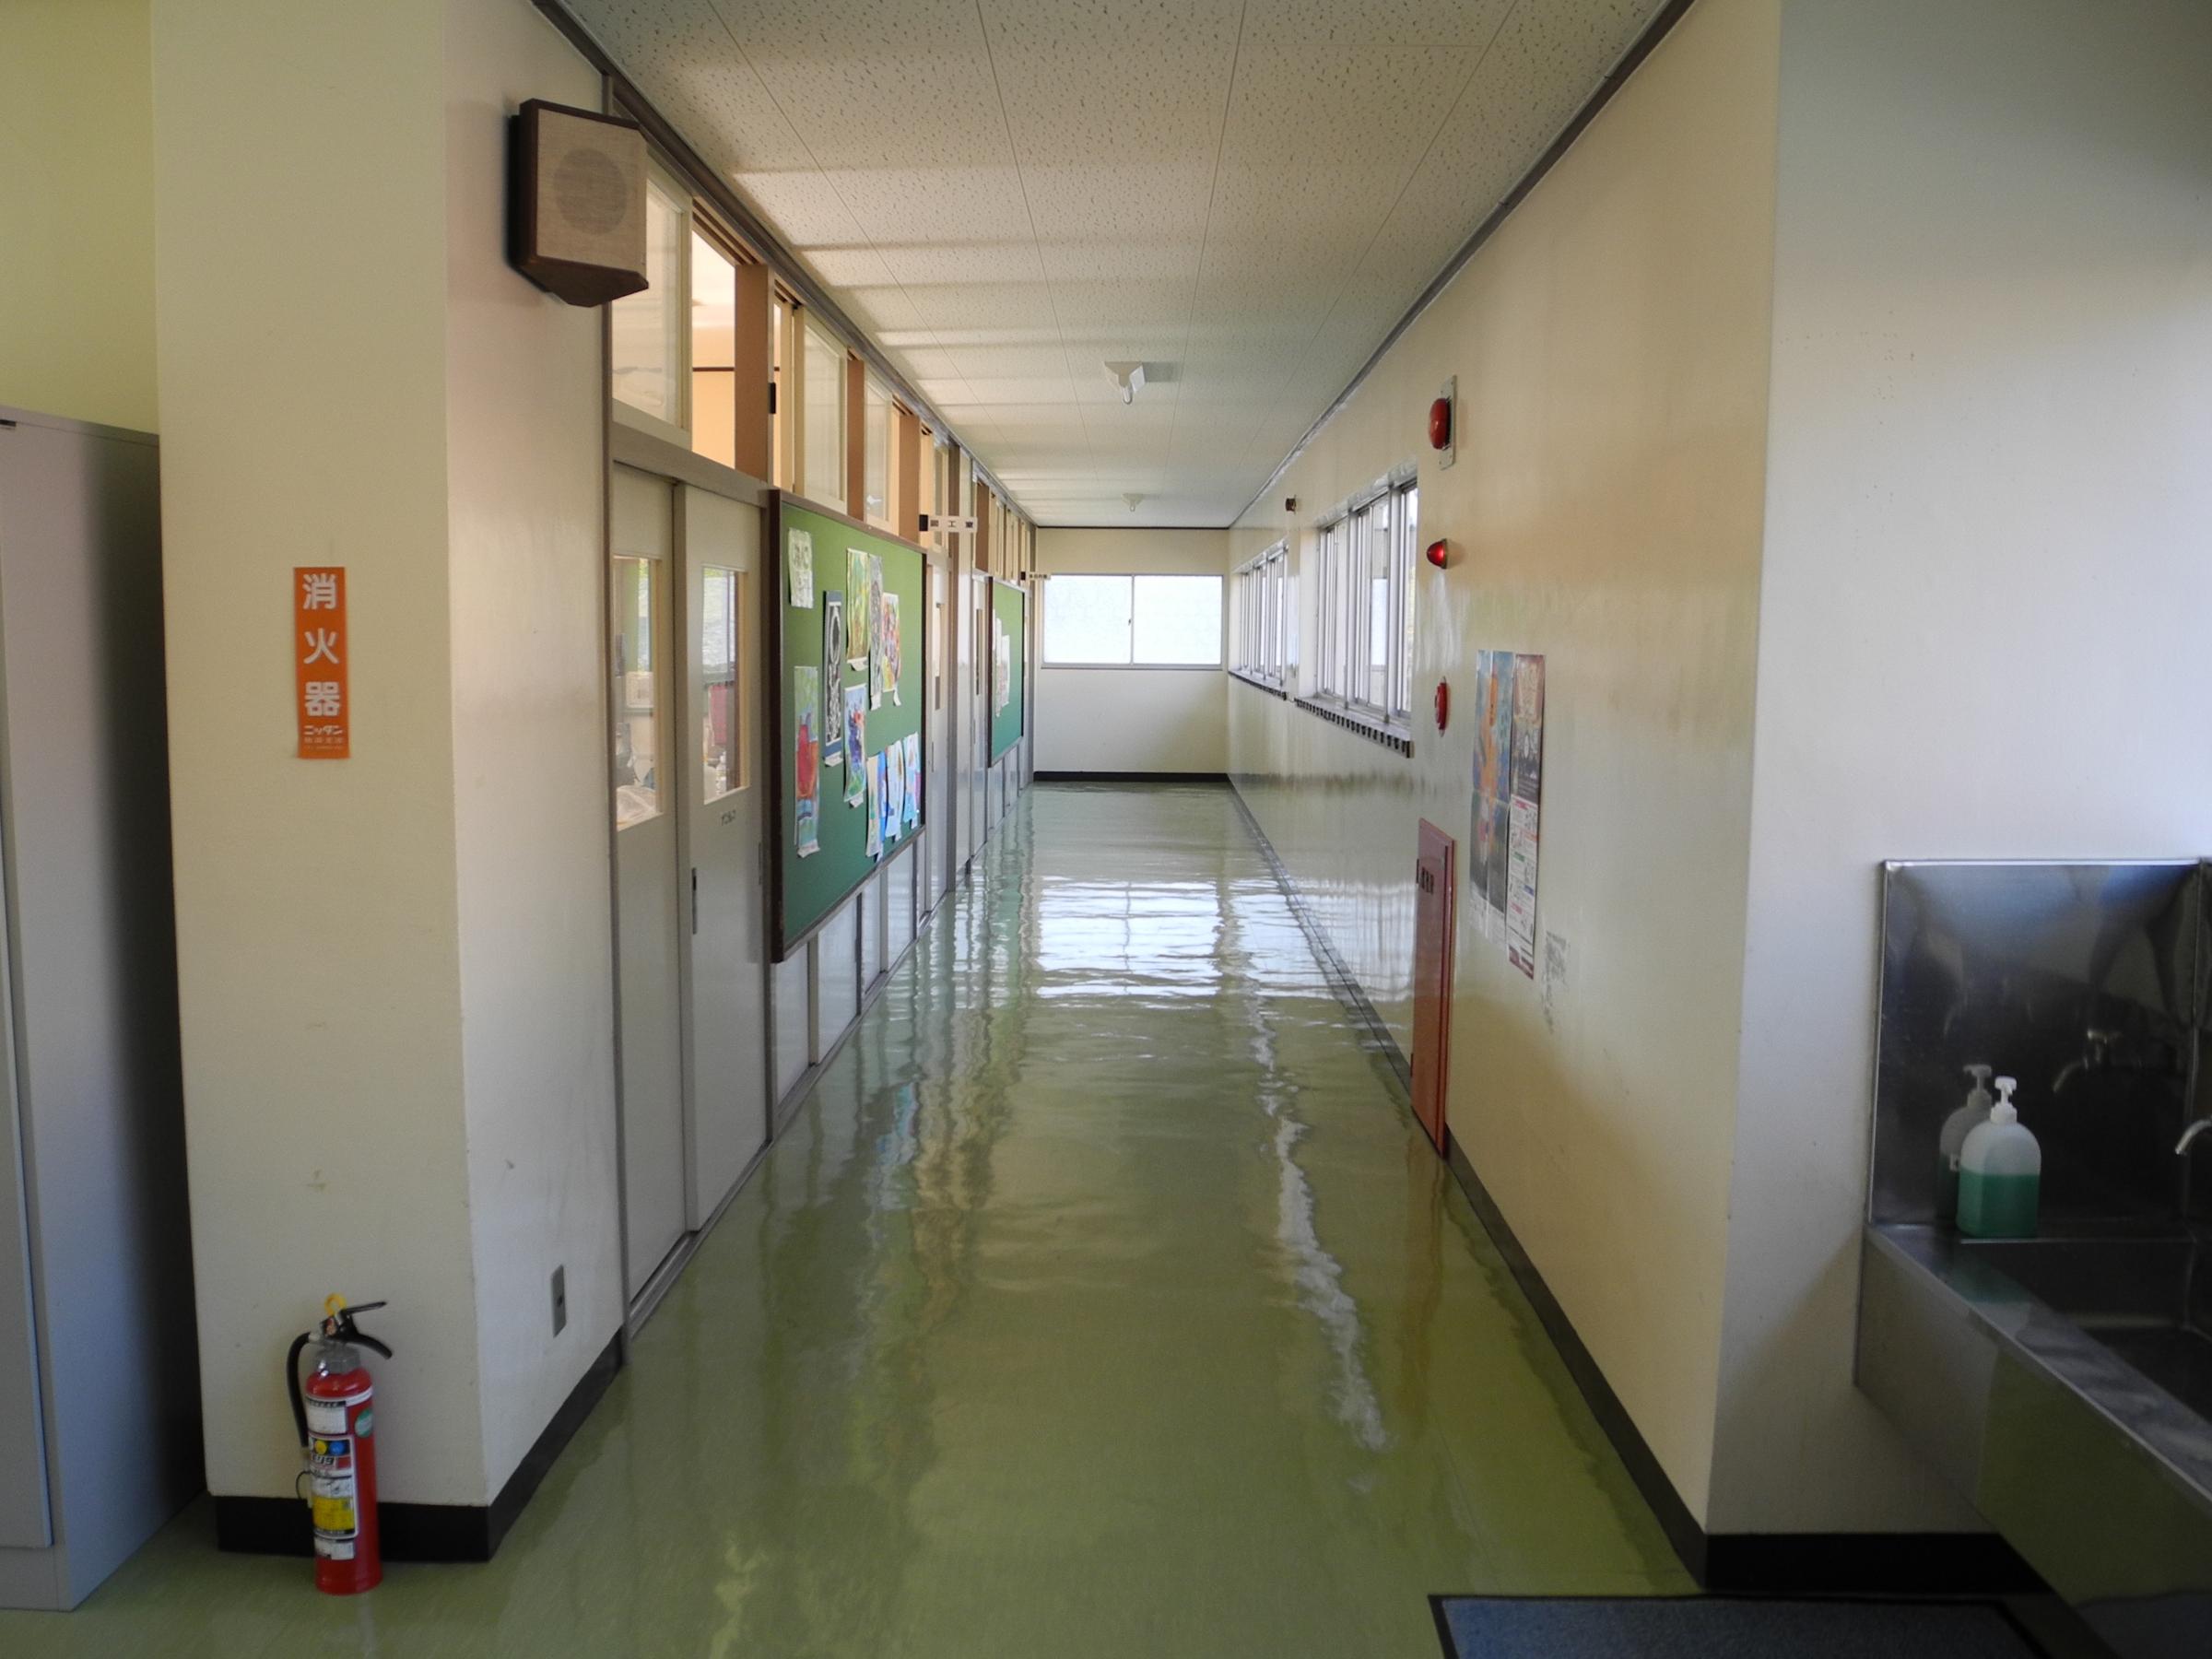 File:Jinego Elementary School 2F hallway 1.jpg - Wikimedia ...